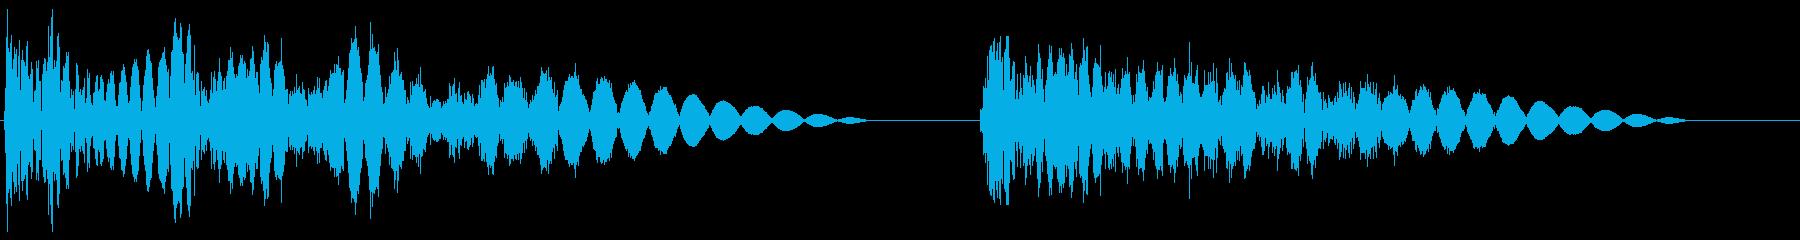 ドガッバッ(2連打撃と強撃1撃)の再生済みの波形